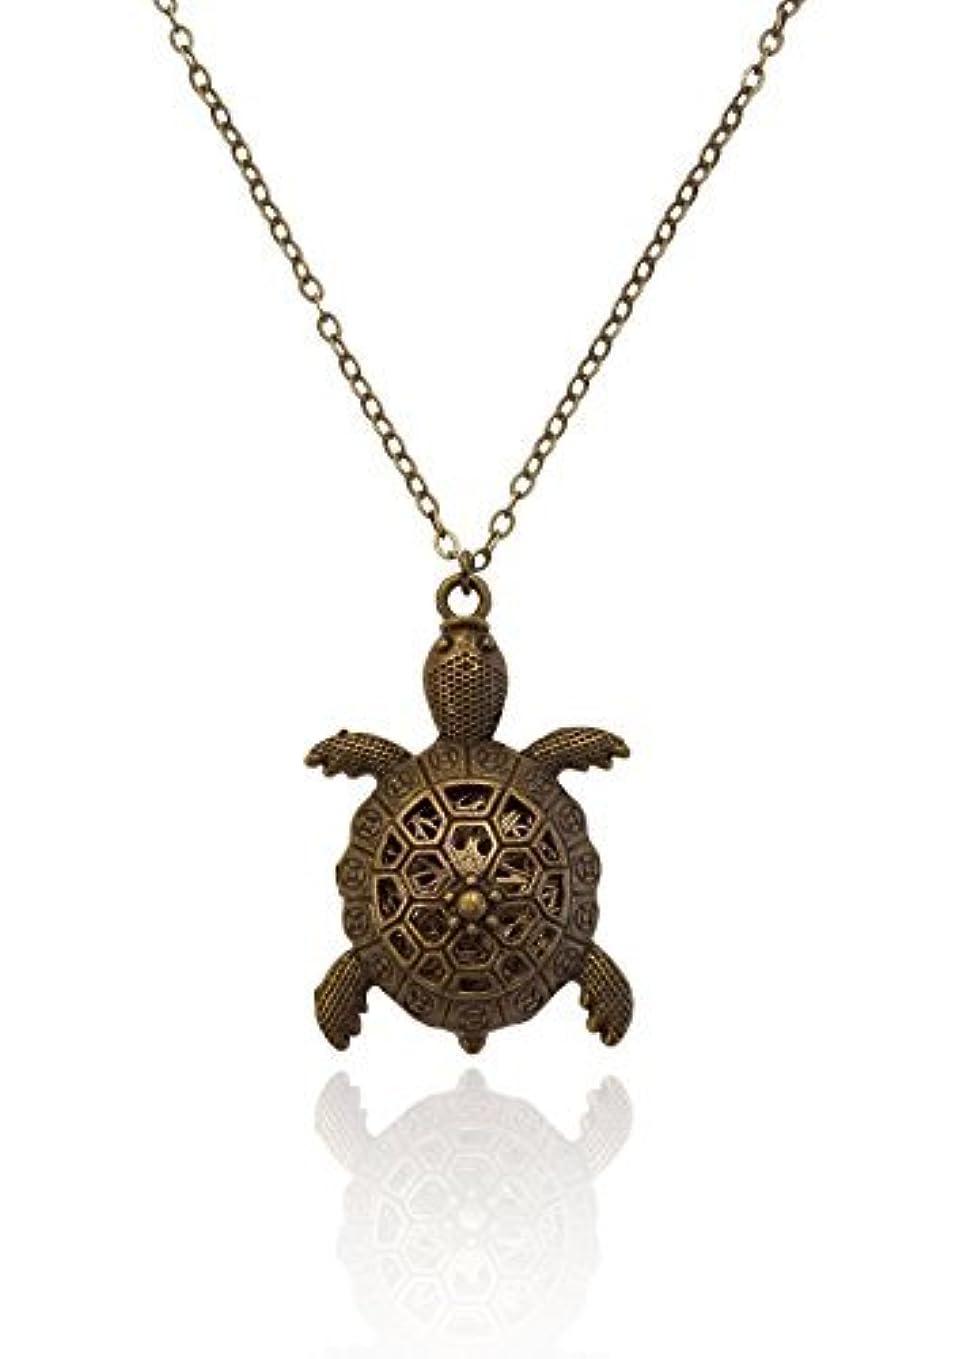 反発する放映一緒Turtle Charm Bronze-Tone Brass-Tone Aromatherapy Necklace Essential Oil Diffuser Locket Pendant Jewelry Diffuser...